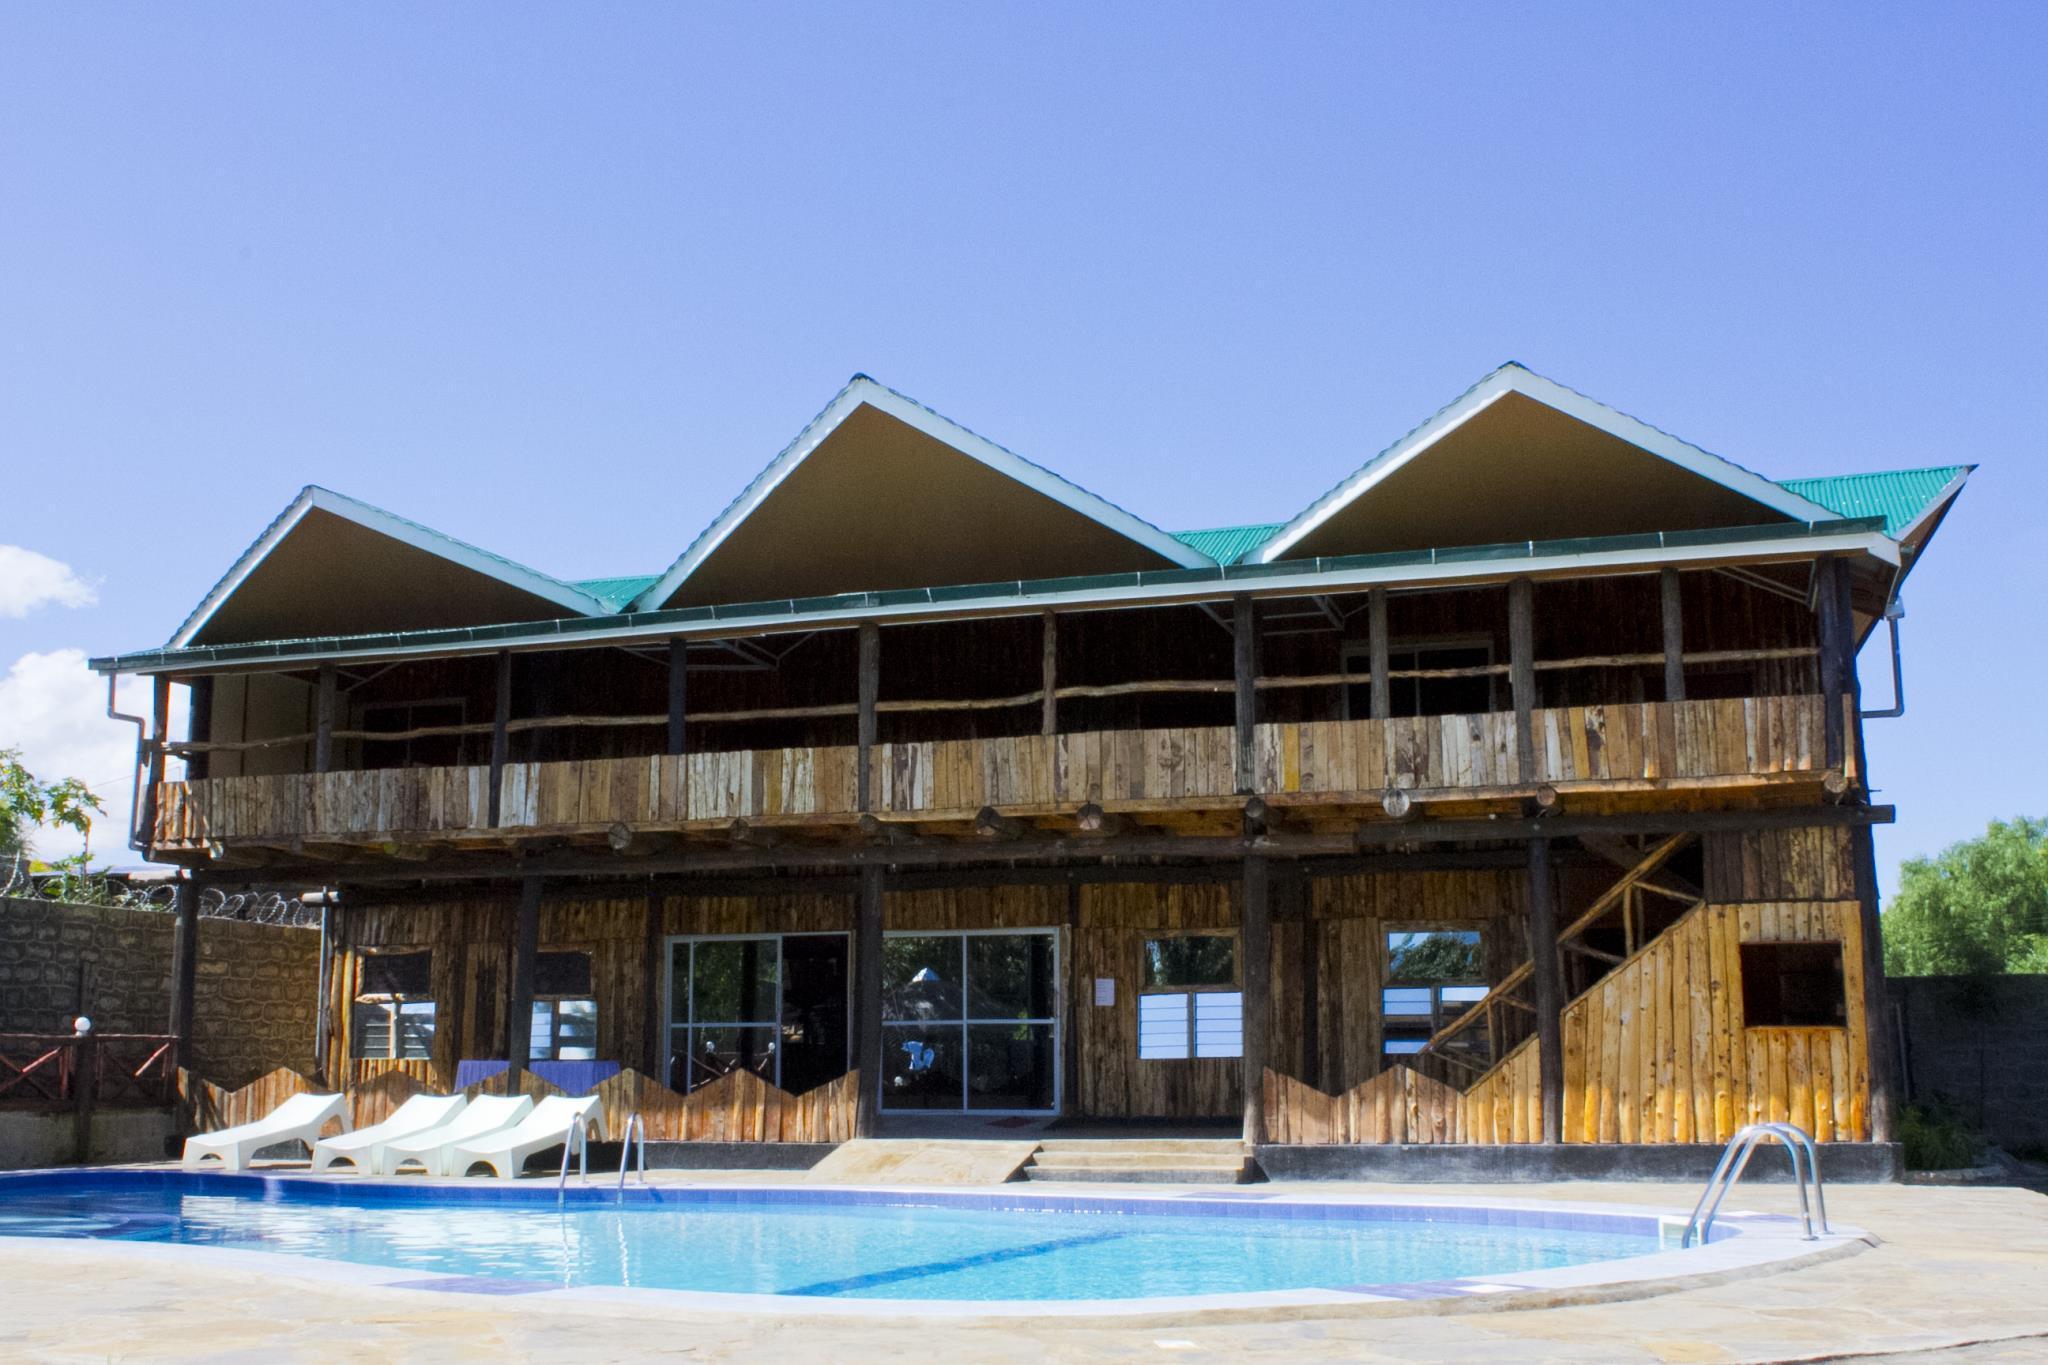 Dovenest Lodge